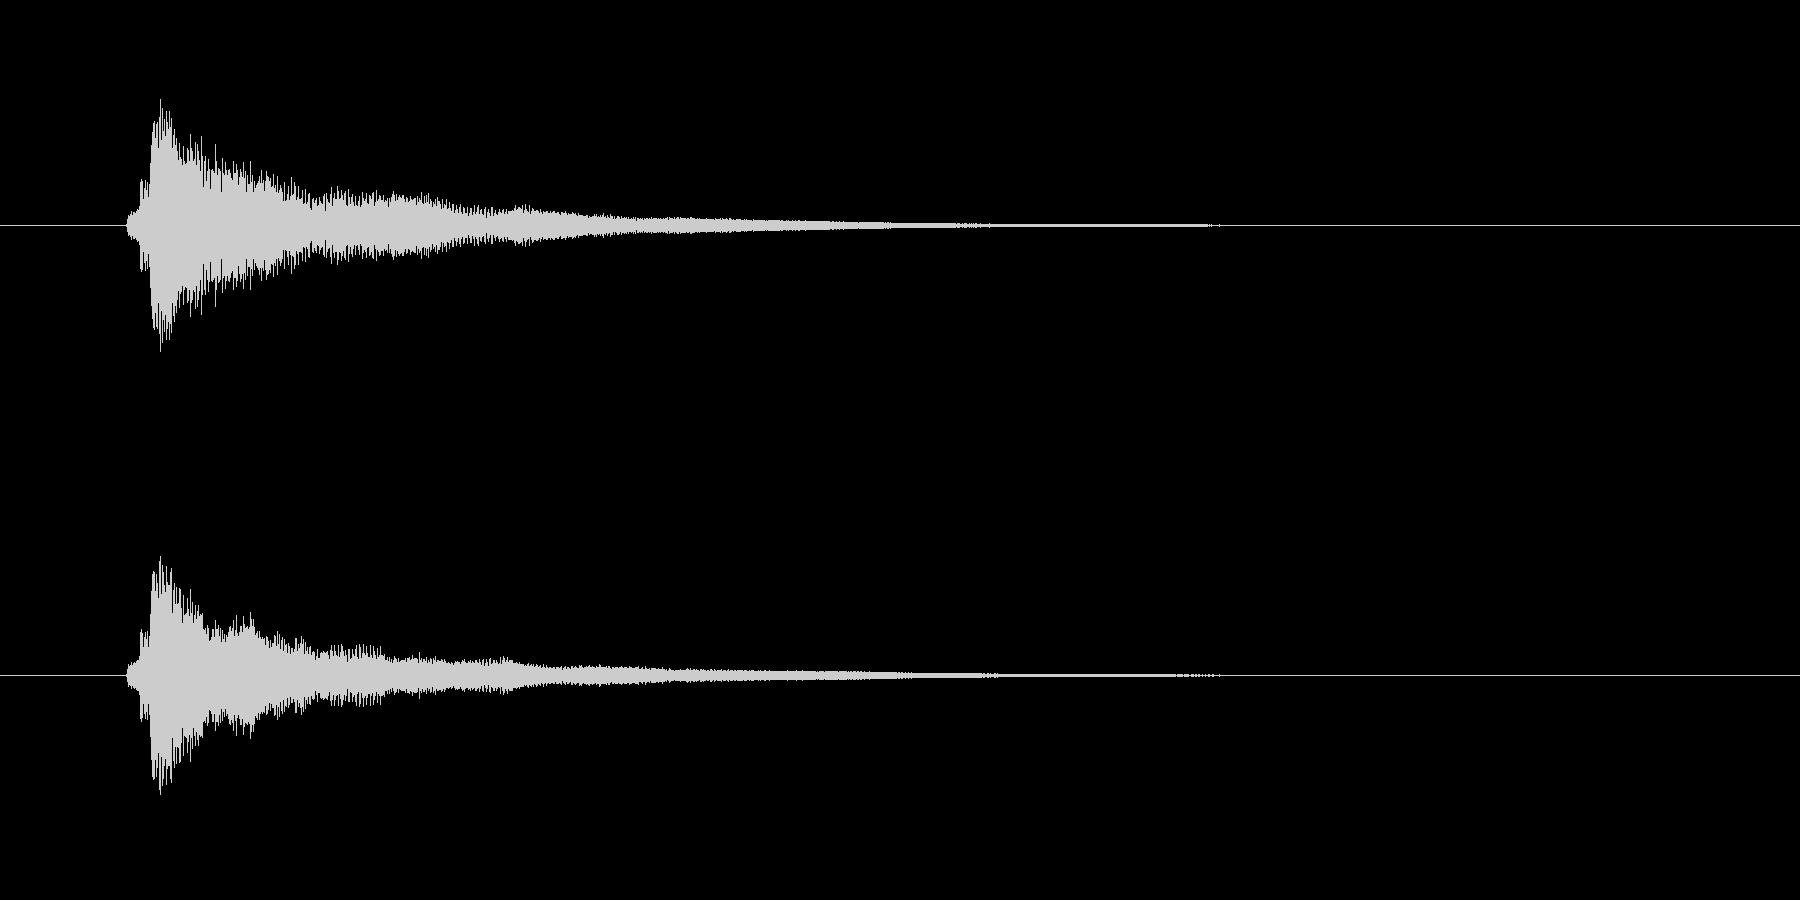 チャラーン(キーボードの和音)の未再生の波形